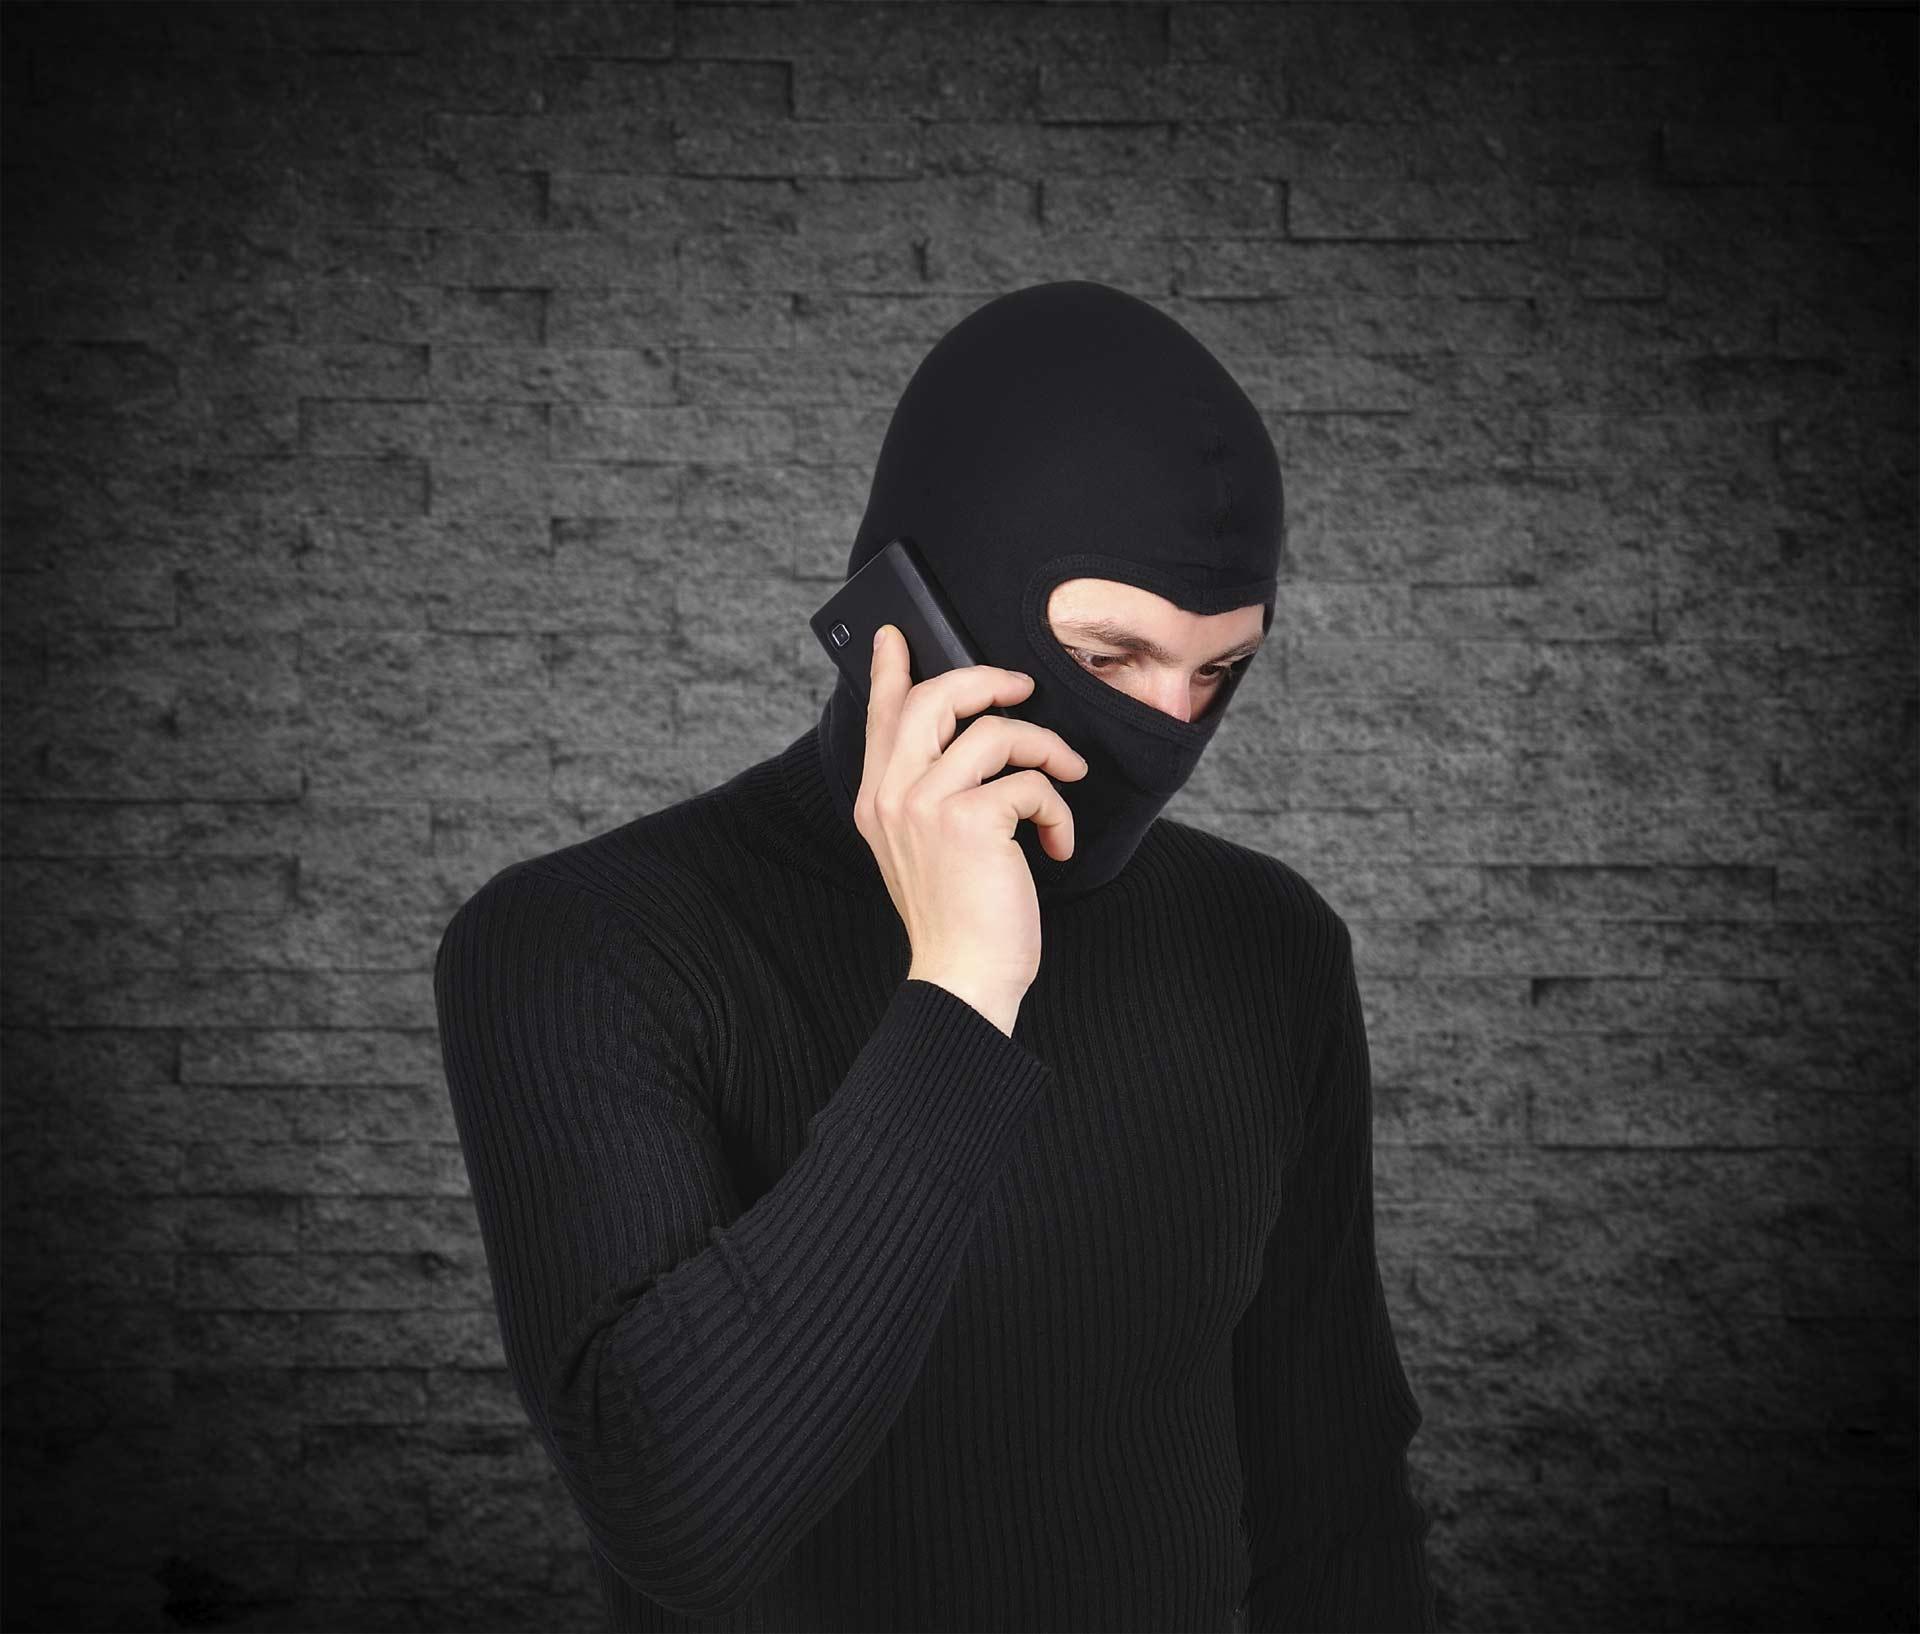 Para obtener el código IMEI de tu celular debes marcar *#06#